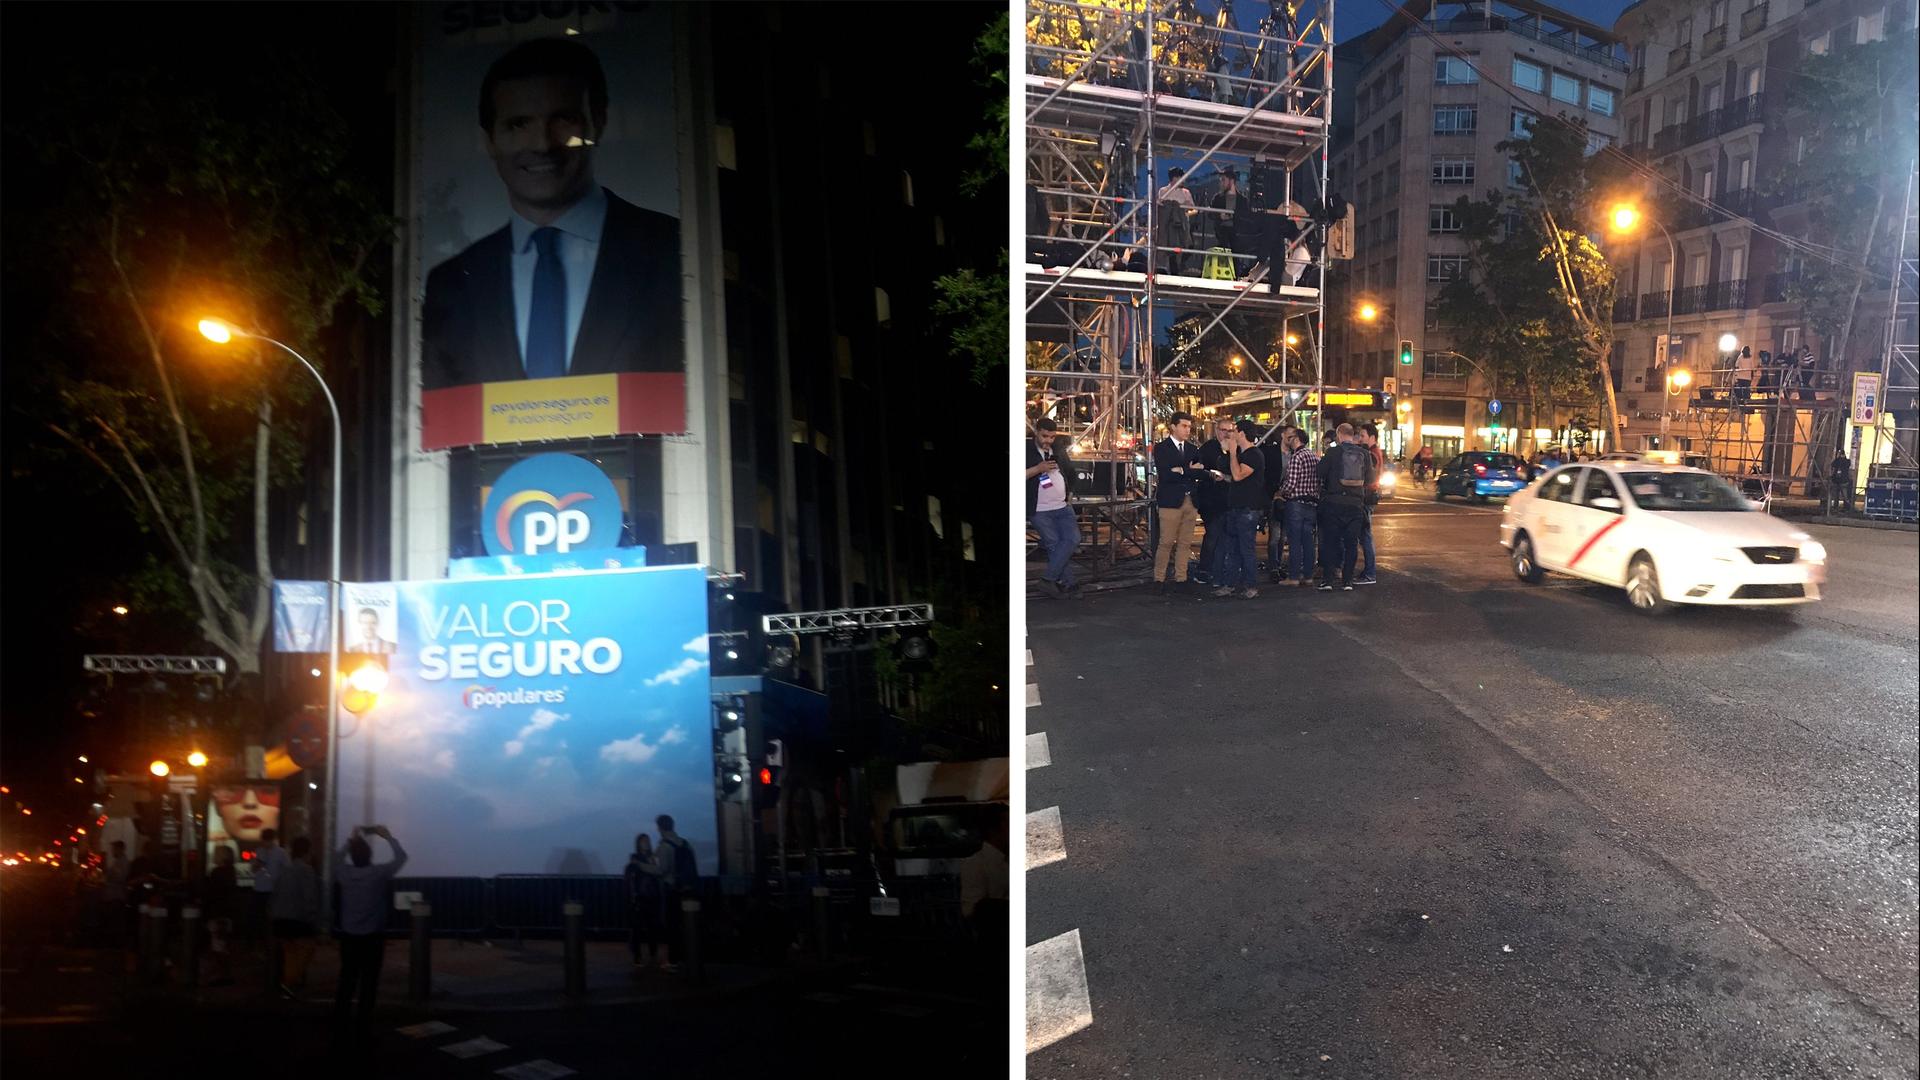 El PP ha preparado el balcón de Génova para celebrar la victoria... y la zona se encuentra completamente vacía